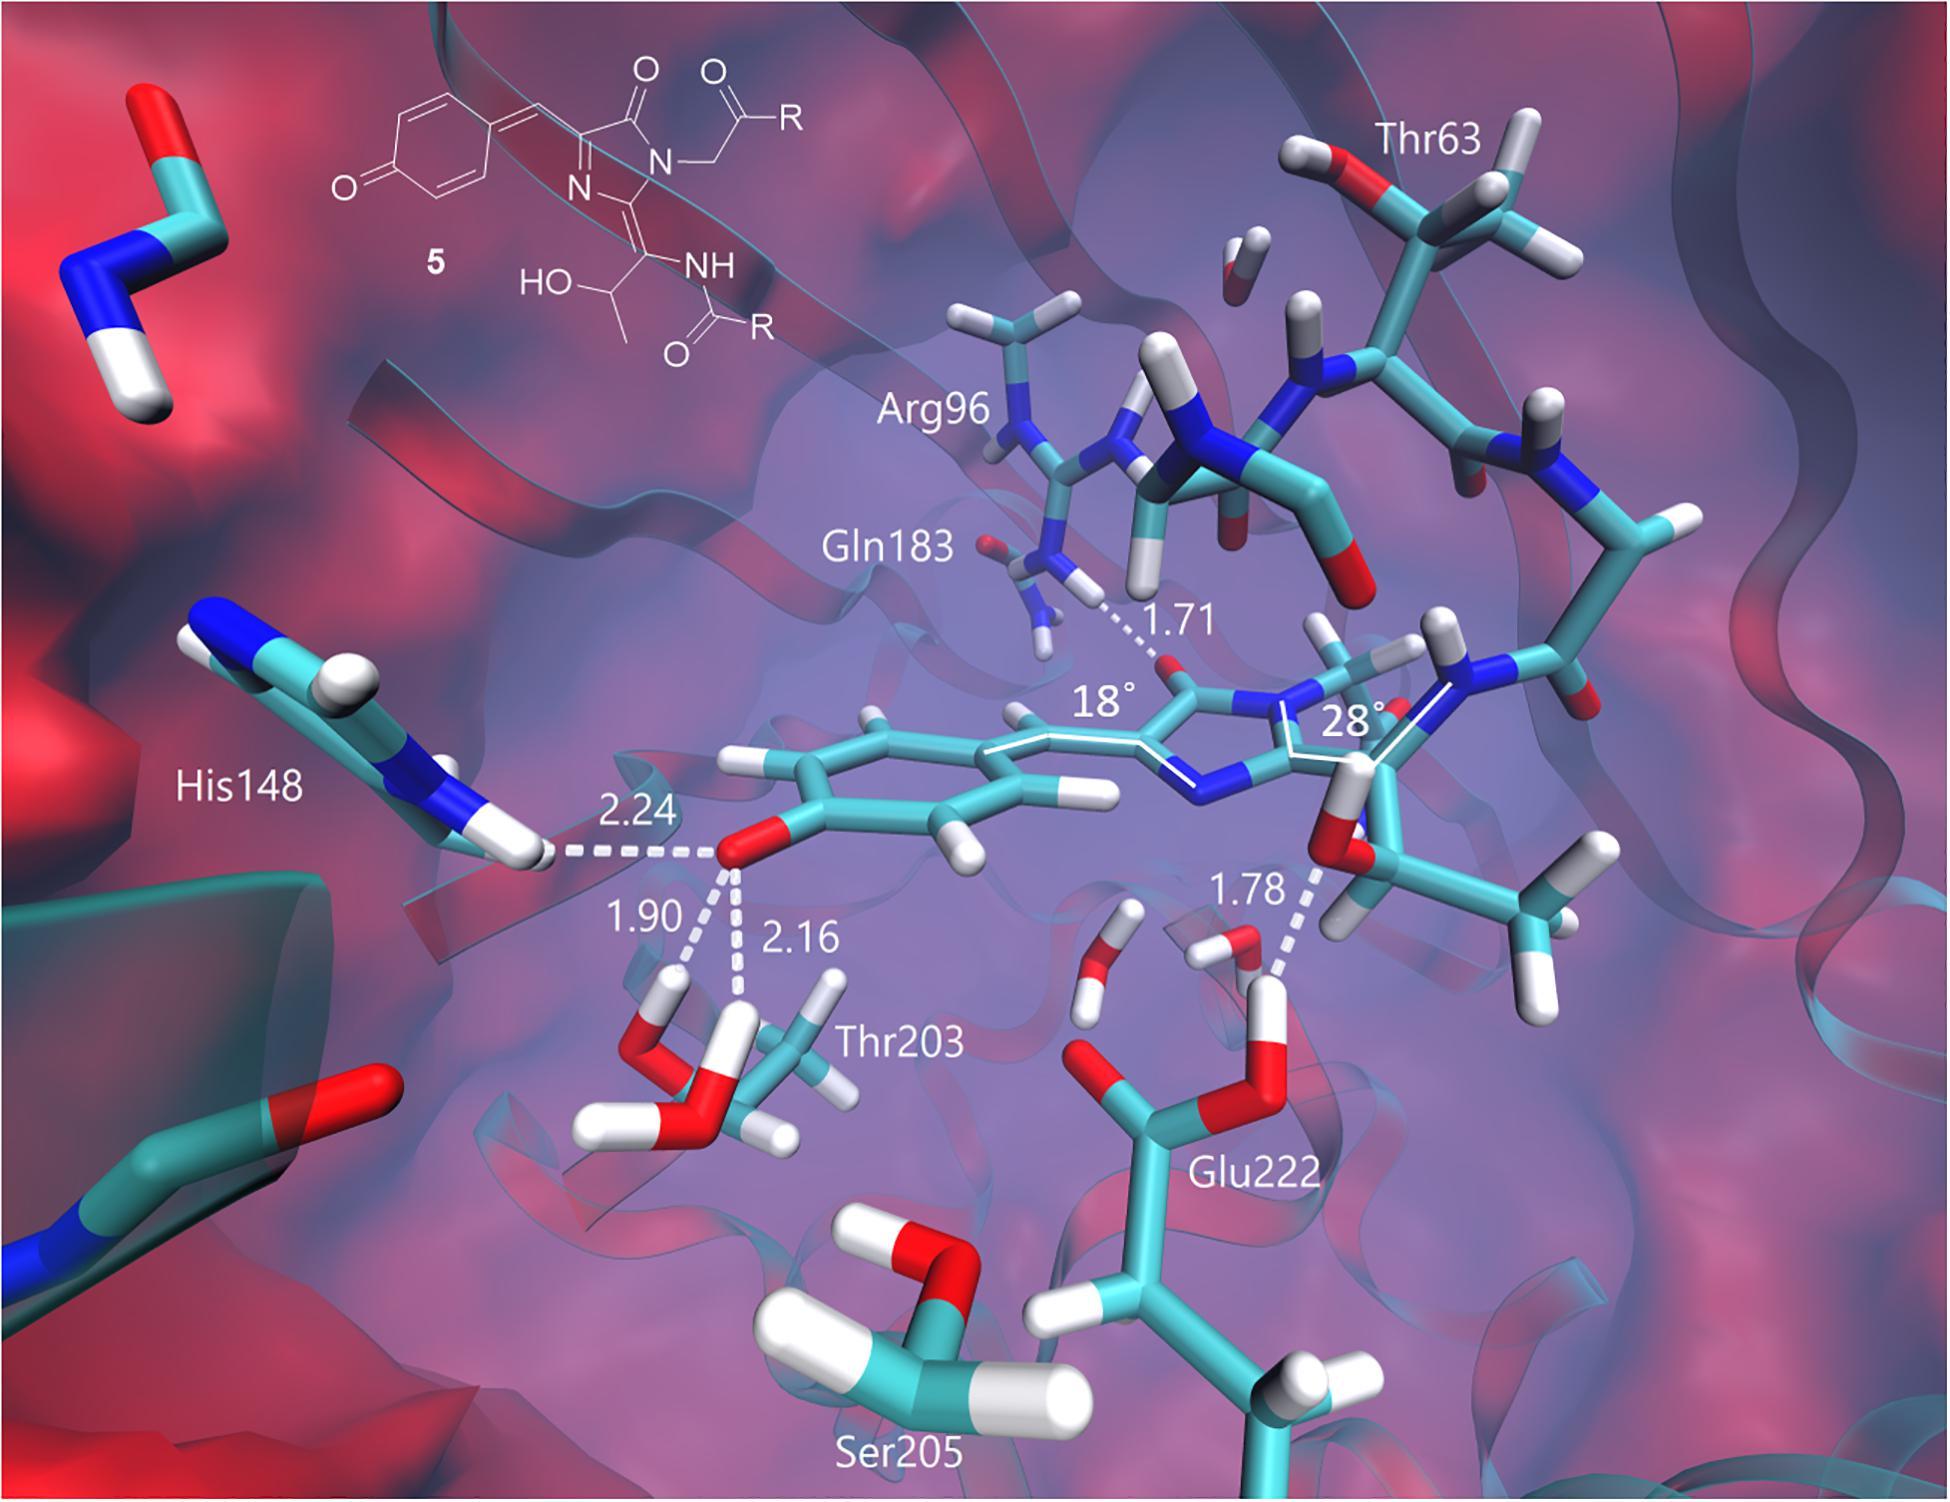 Модель промежуточного состояния хромофора и его взаимодействия с белковым окружением в ходе анаэробной фотоконверсии GFP. Источник: Frontiers in Molecular Biosciences